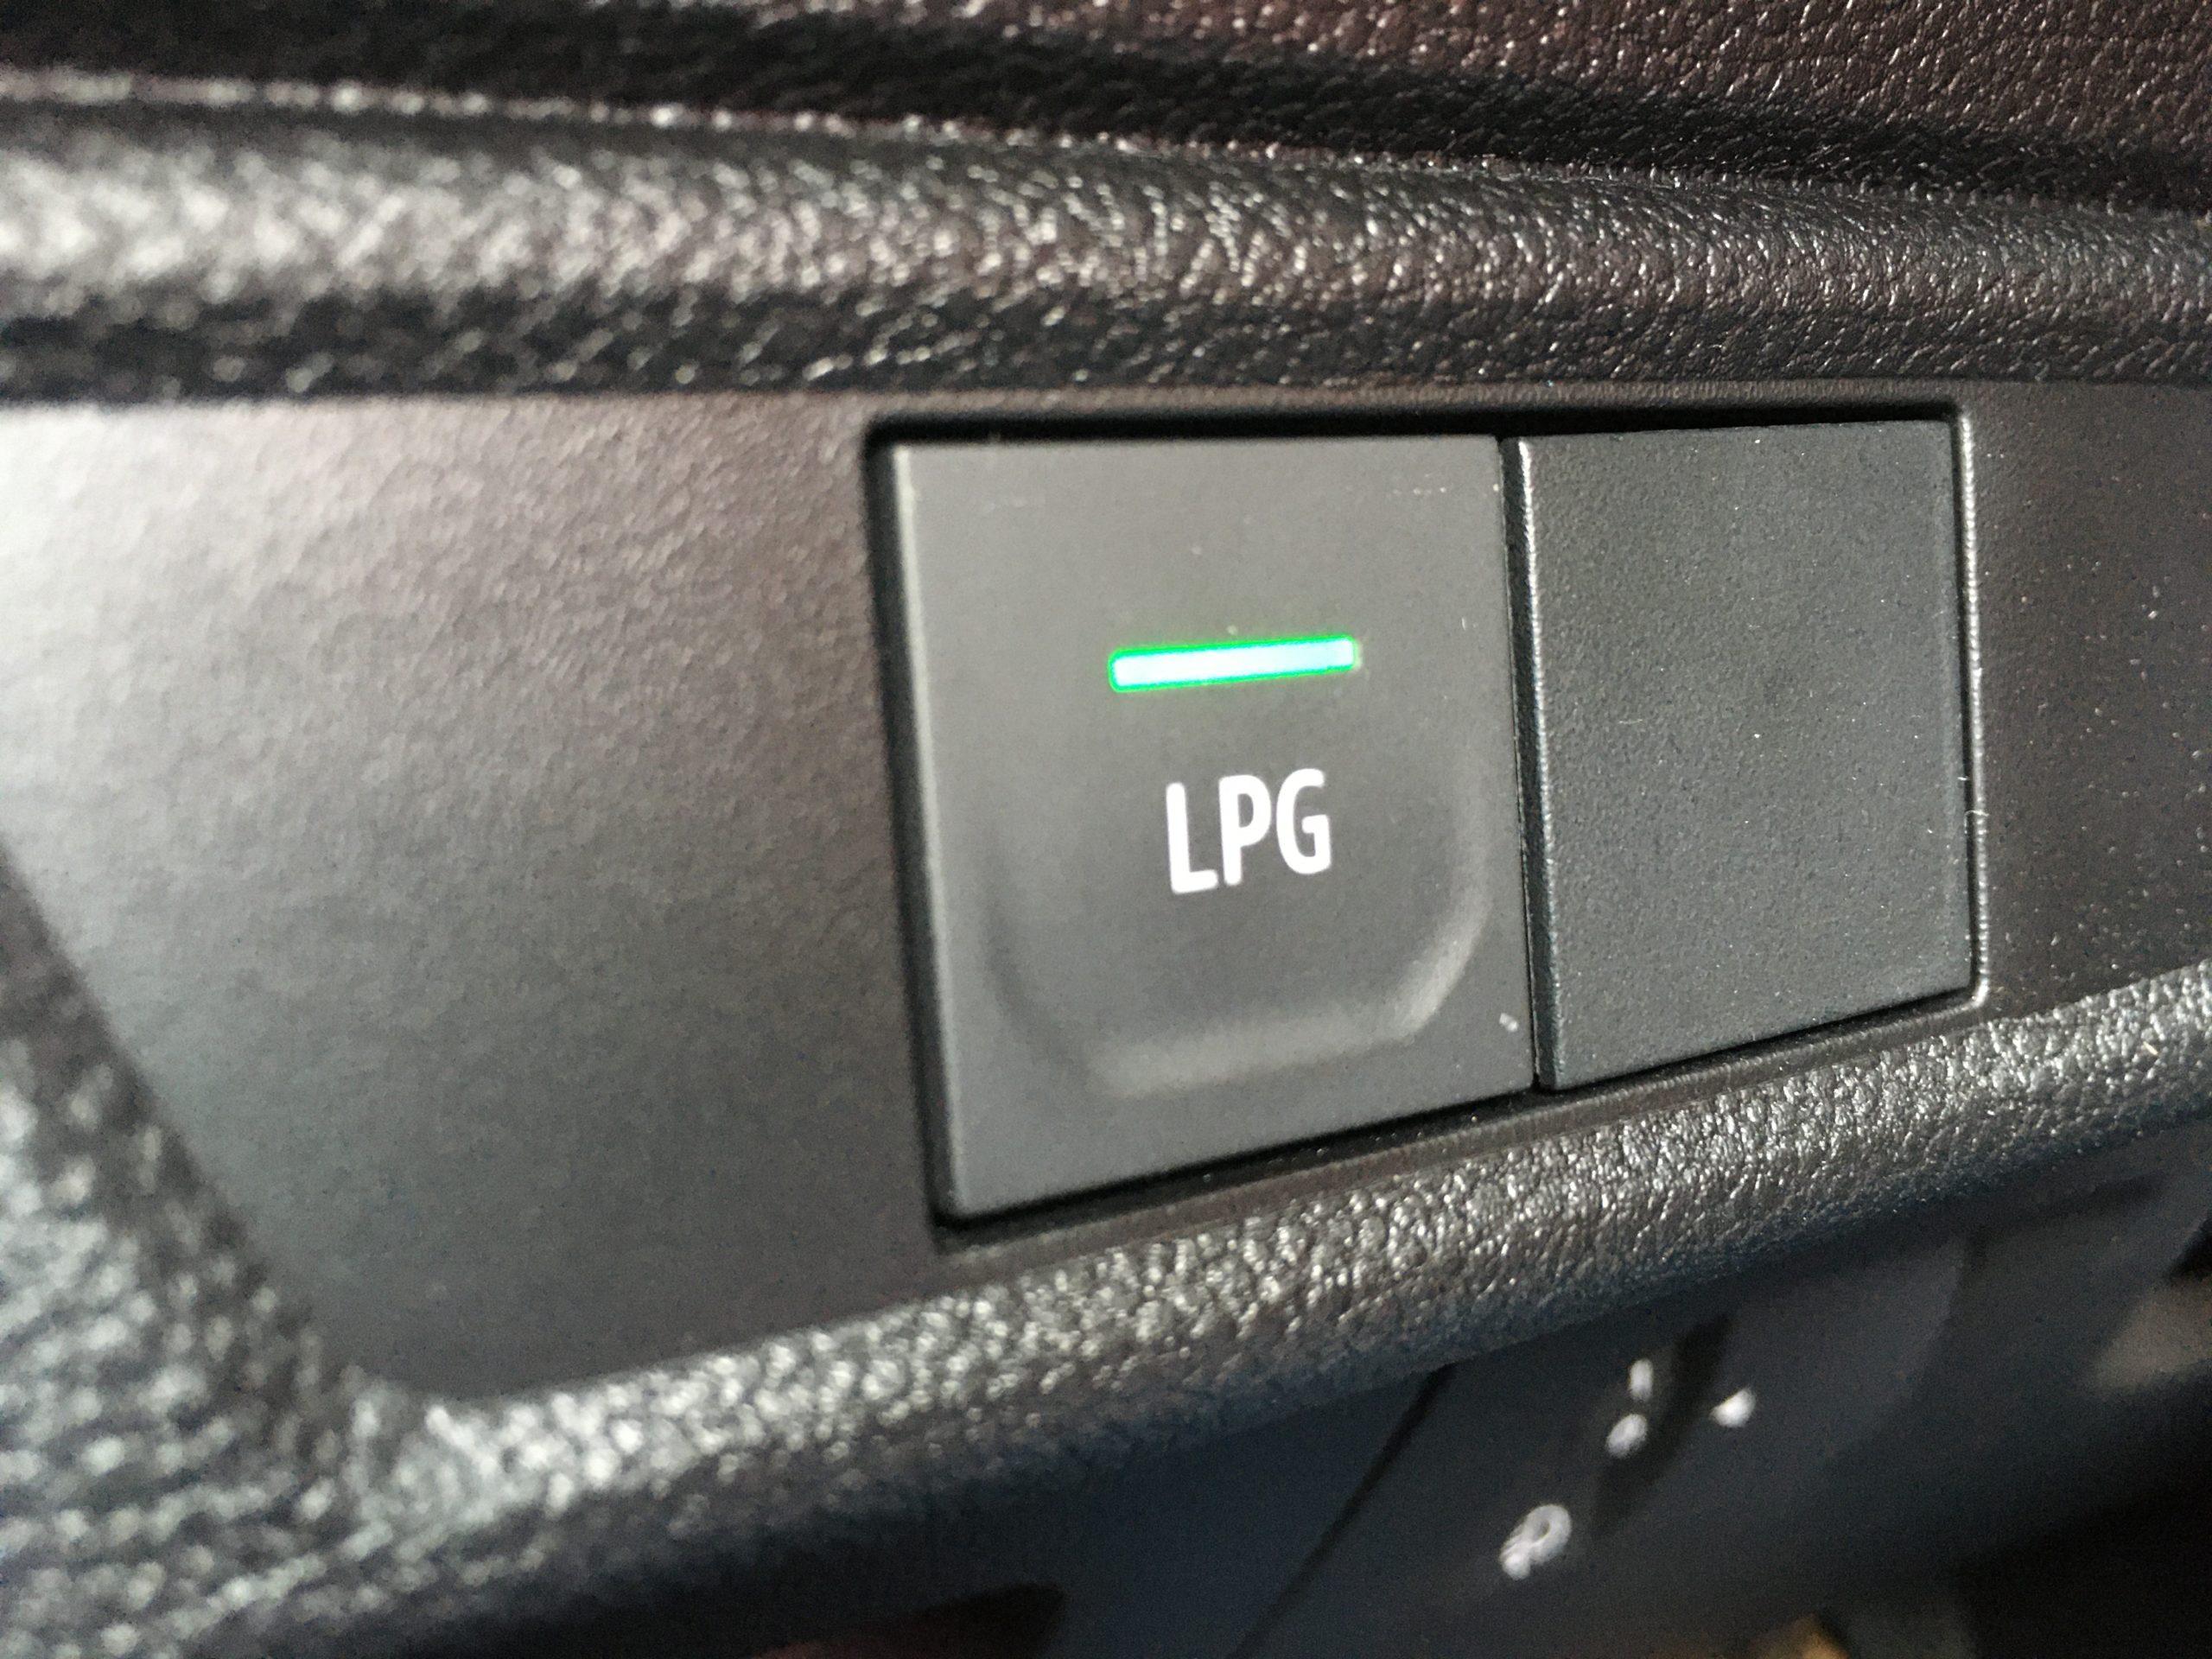 """Dacia SanderoTCe 100 LPG jest nietypową """"hybrydą"""": benzyna i LPG"""